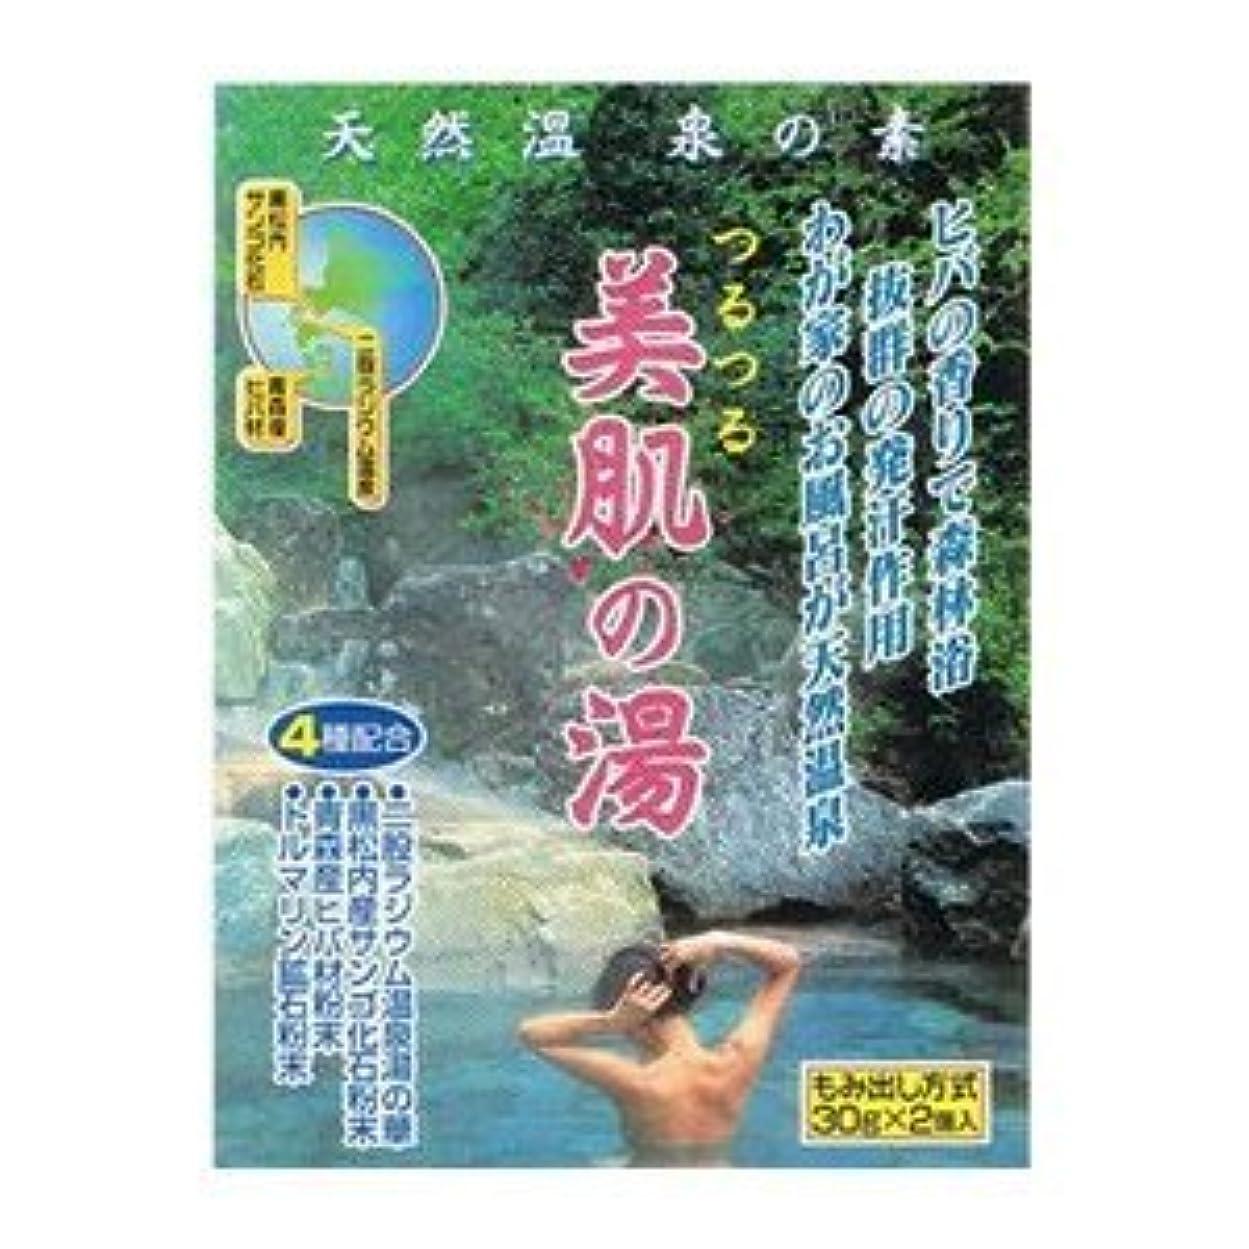 ポータル機知に富んだサーキュレーション天然温泉の素 美肌の湯 (30g×2個入)×12袋セット